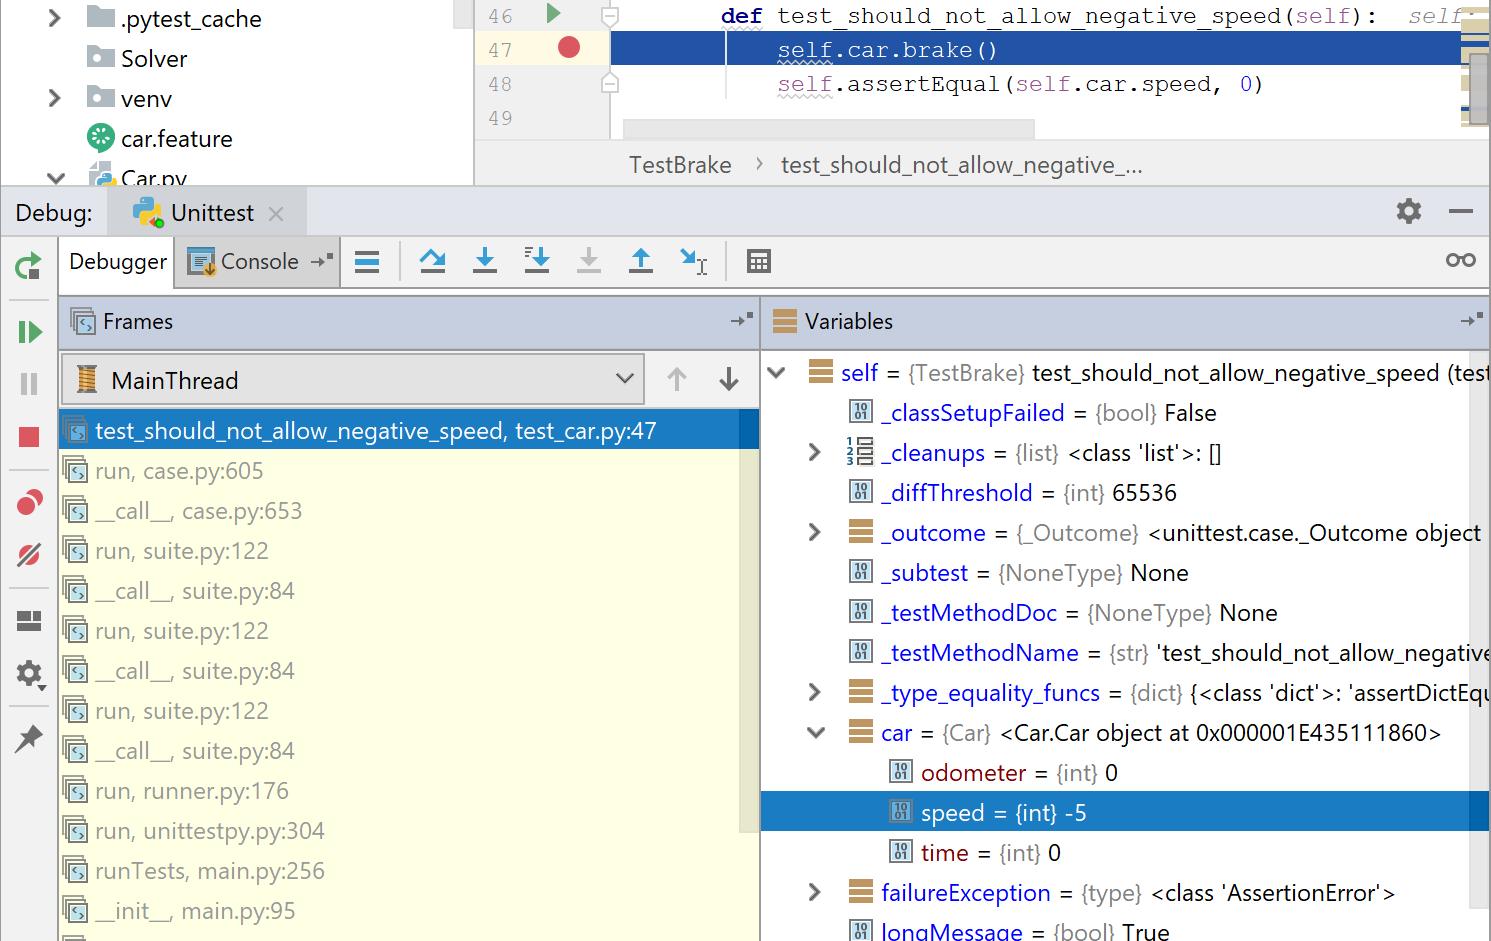 py test debug output